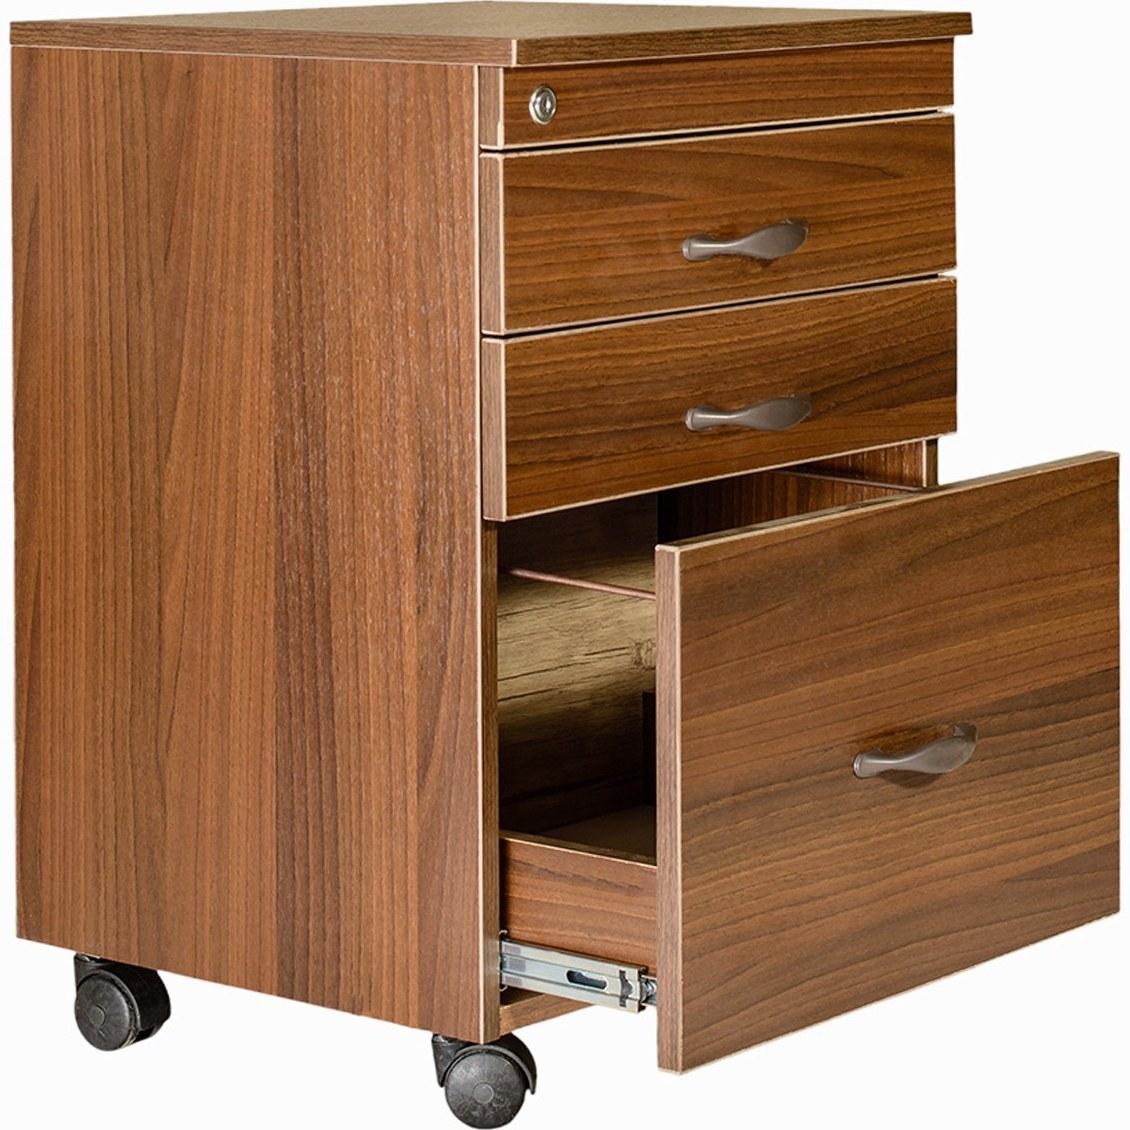 فایل کشویی نوین آرا Novinara F5 Drawer File Cabinet